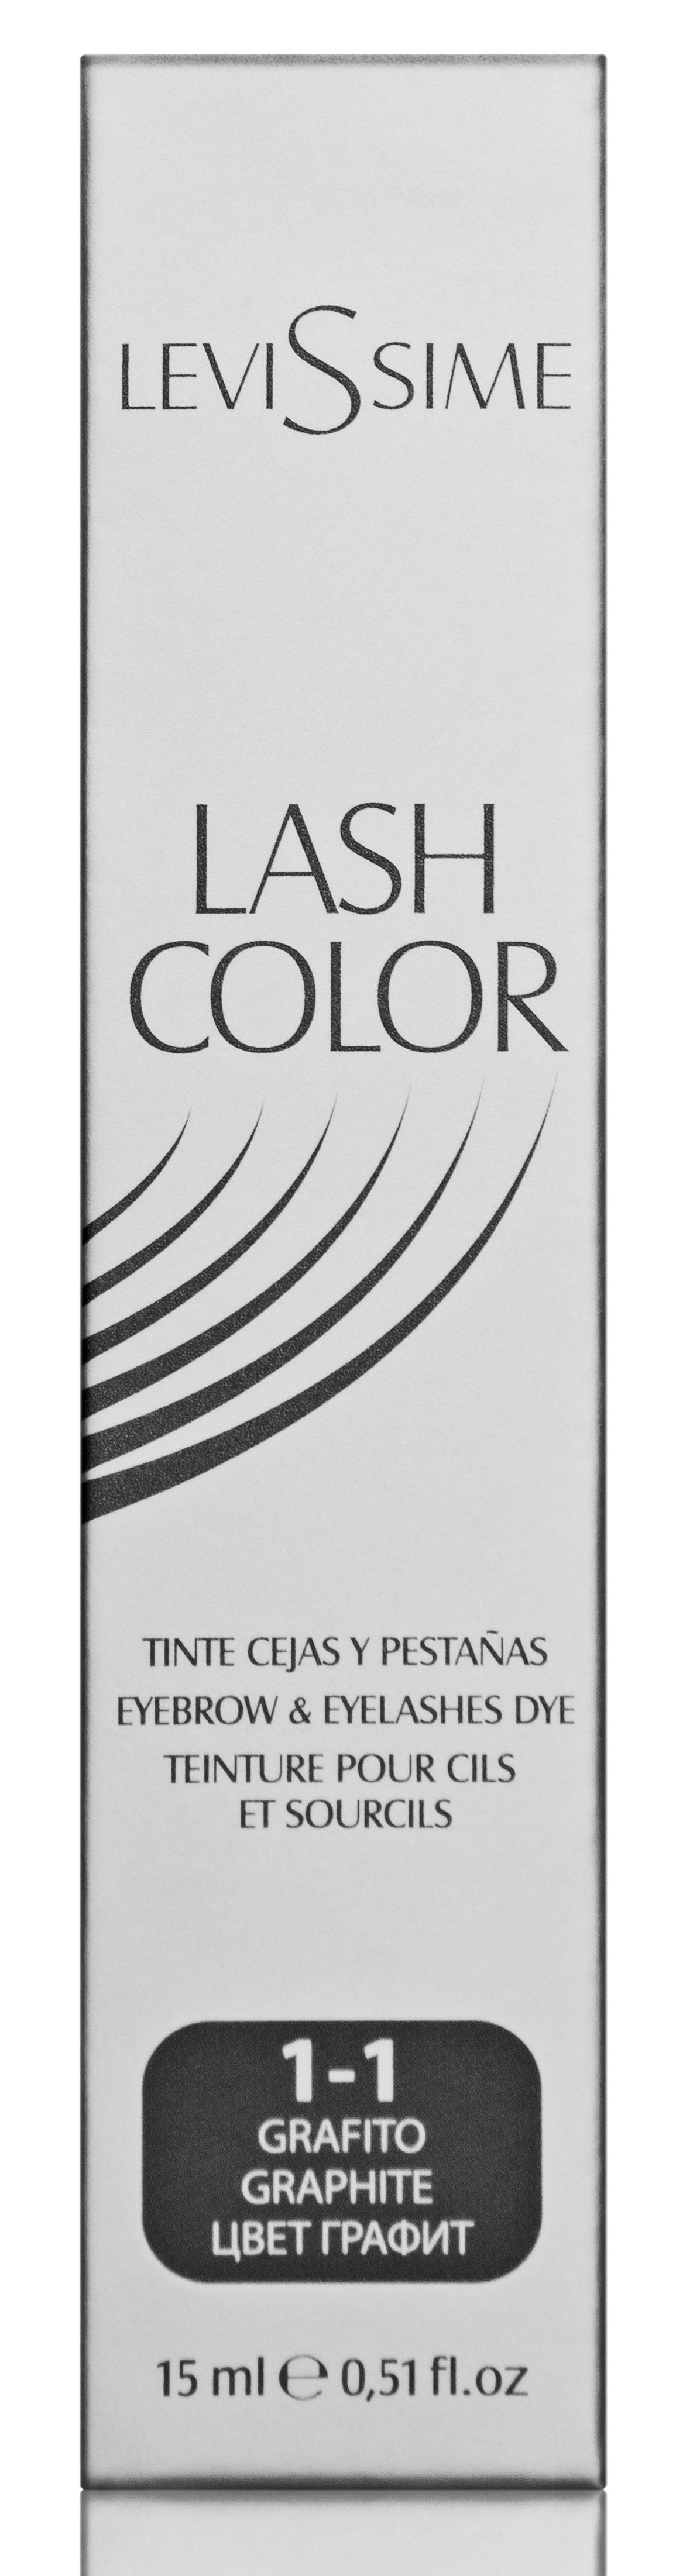 LEVISSIME Краска для бровей и ресниц, № 1.1 графит / Lash Color 15 мл -  Краски для бровей